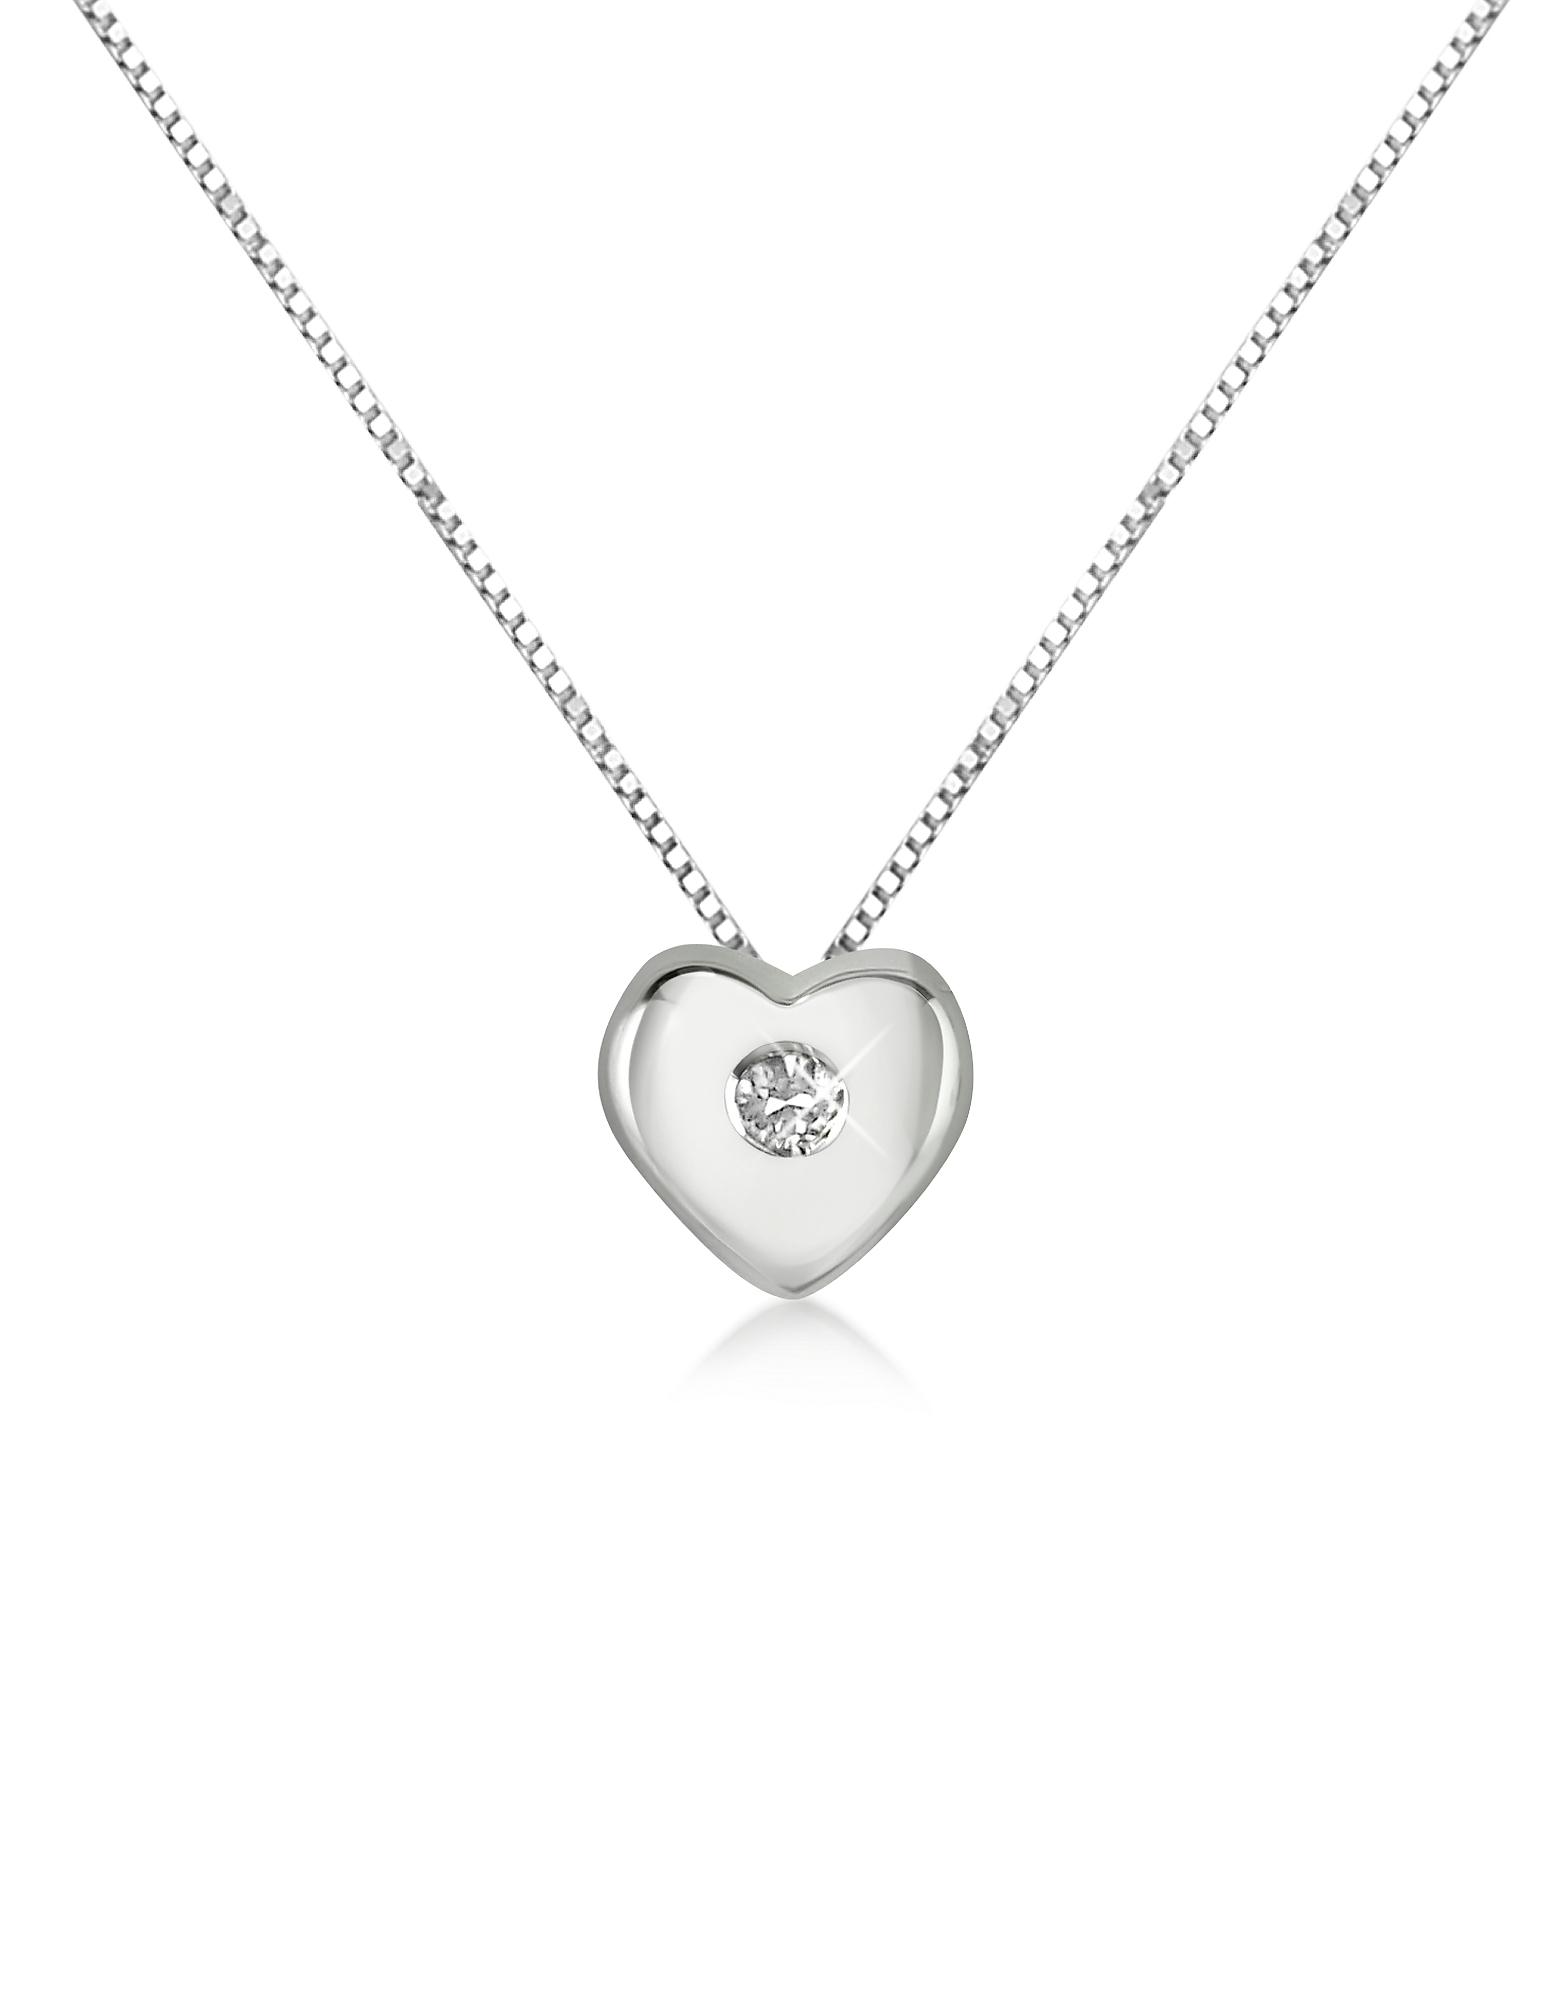 Princess - Цепочка с Кулоном-Сердцем из Золота 18 карат и Бриллиантом 0.15 карата